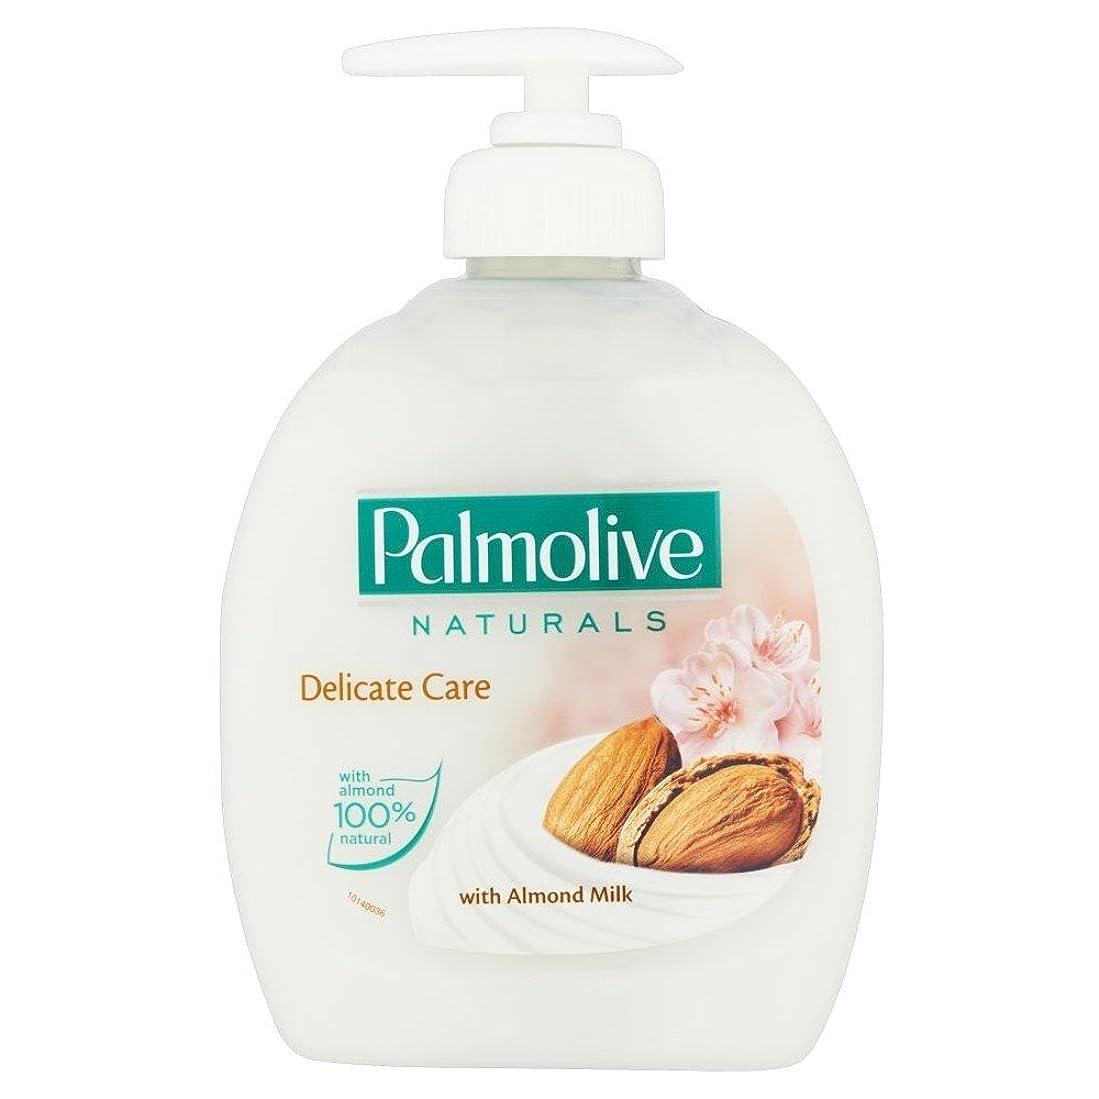 同級生稼ぐやがてPalmolive Naturals Delicate Care Nourishing Liquid Handwash with Almond Milk (300ml) アーモンドミルク( 300Ml)でパルモのナチュラル繊細なケア栄養液体手洗い [並行輸入品]